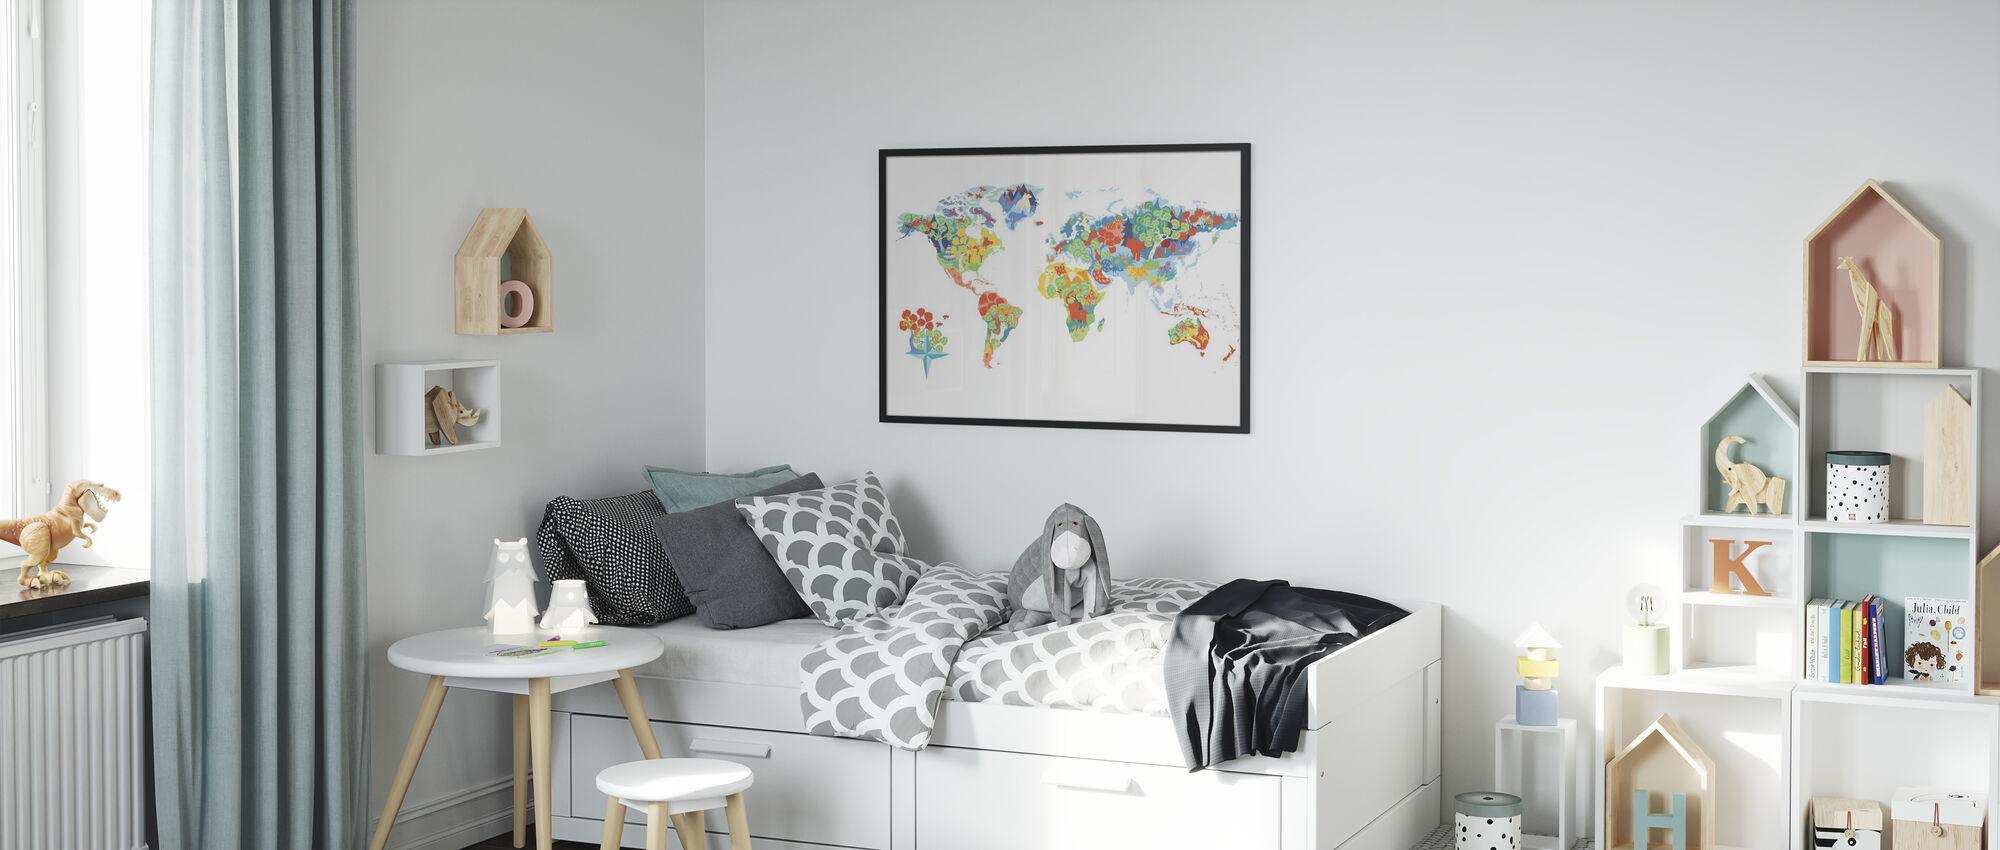 Wonderbaarlijke wereld - Ingelijste print - Kinderkamer